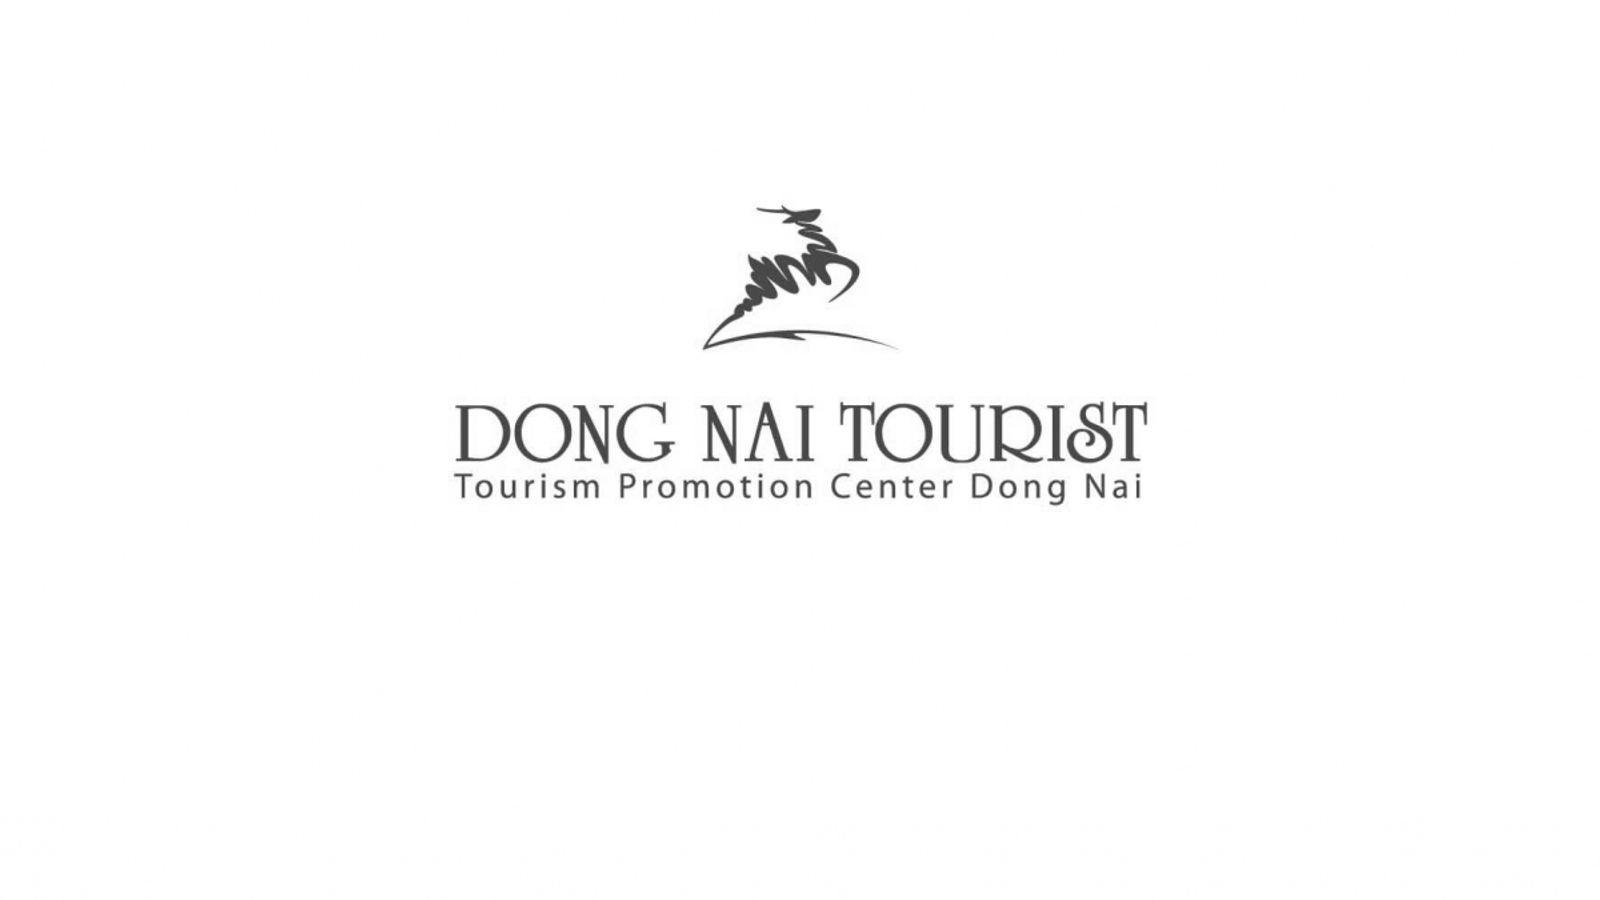 Thiết kế logo trắng đen